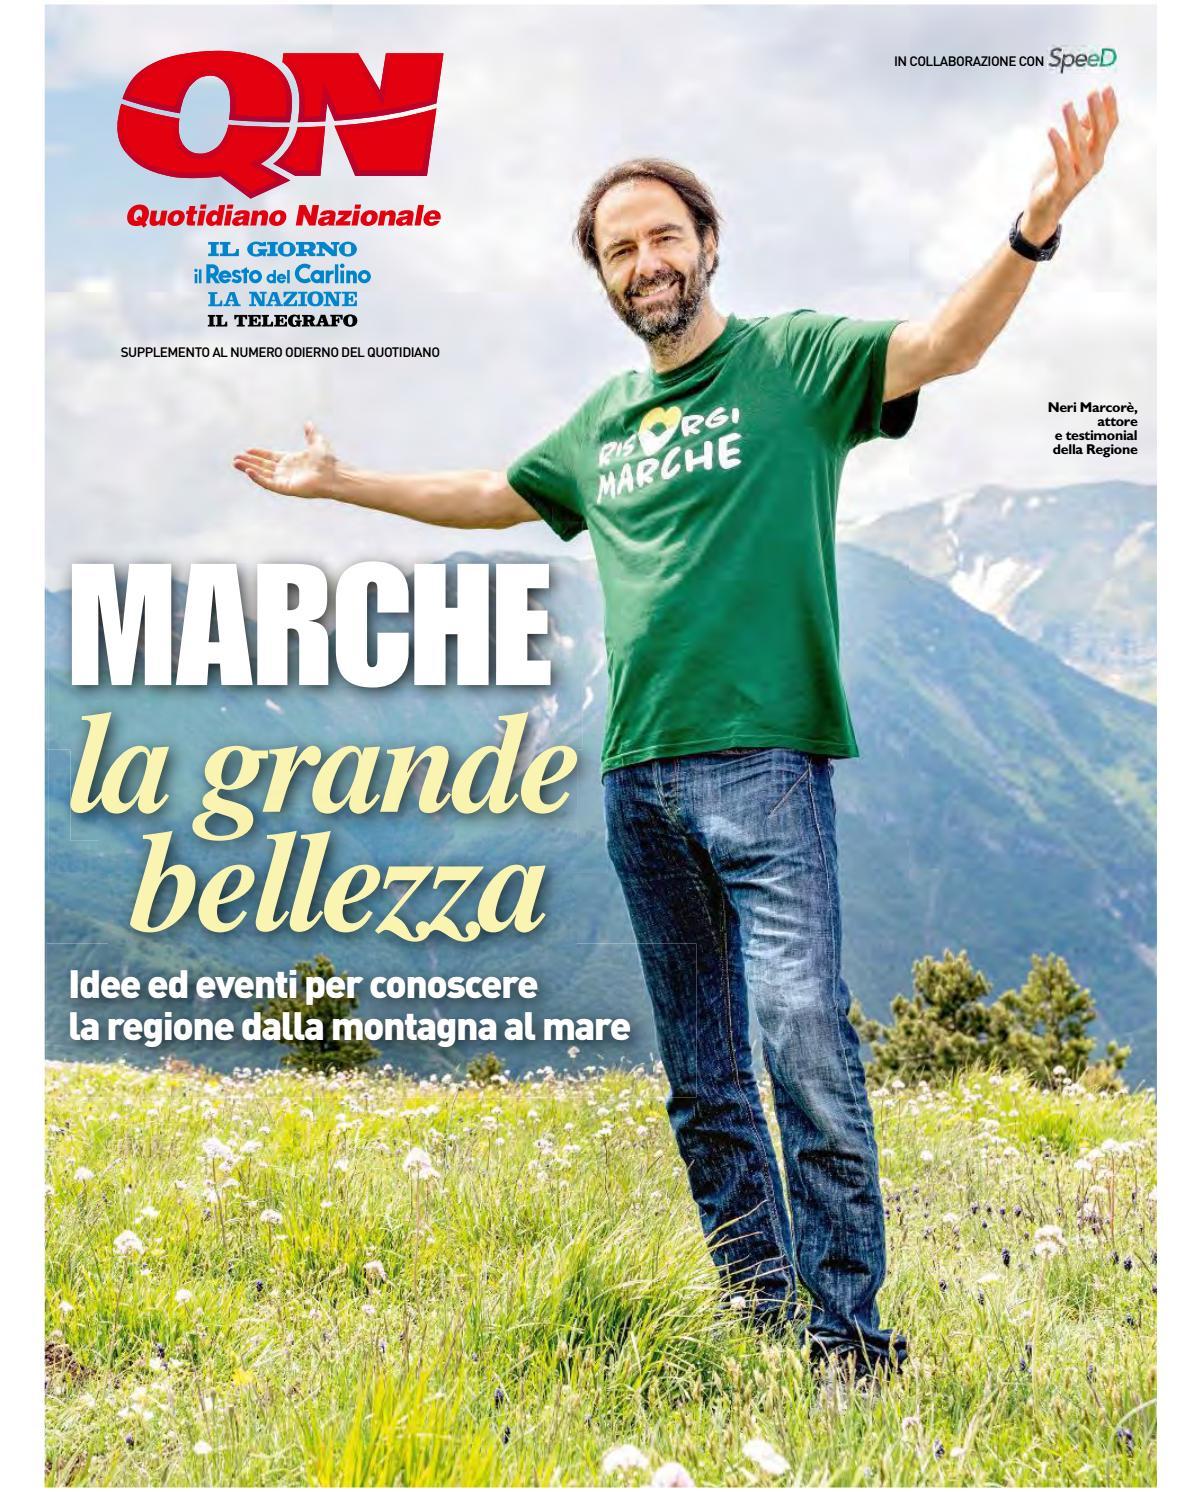 Speciale Marche - QN - Resto del Carlino luglio 2018 by Marche Tourism -  issuu a37a8cc58fa7